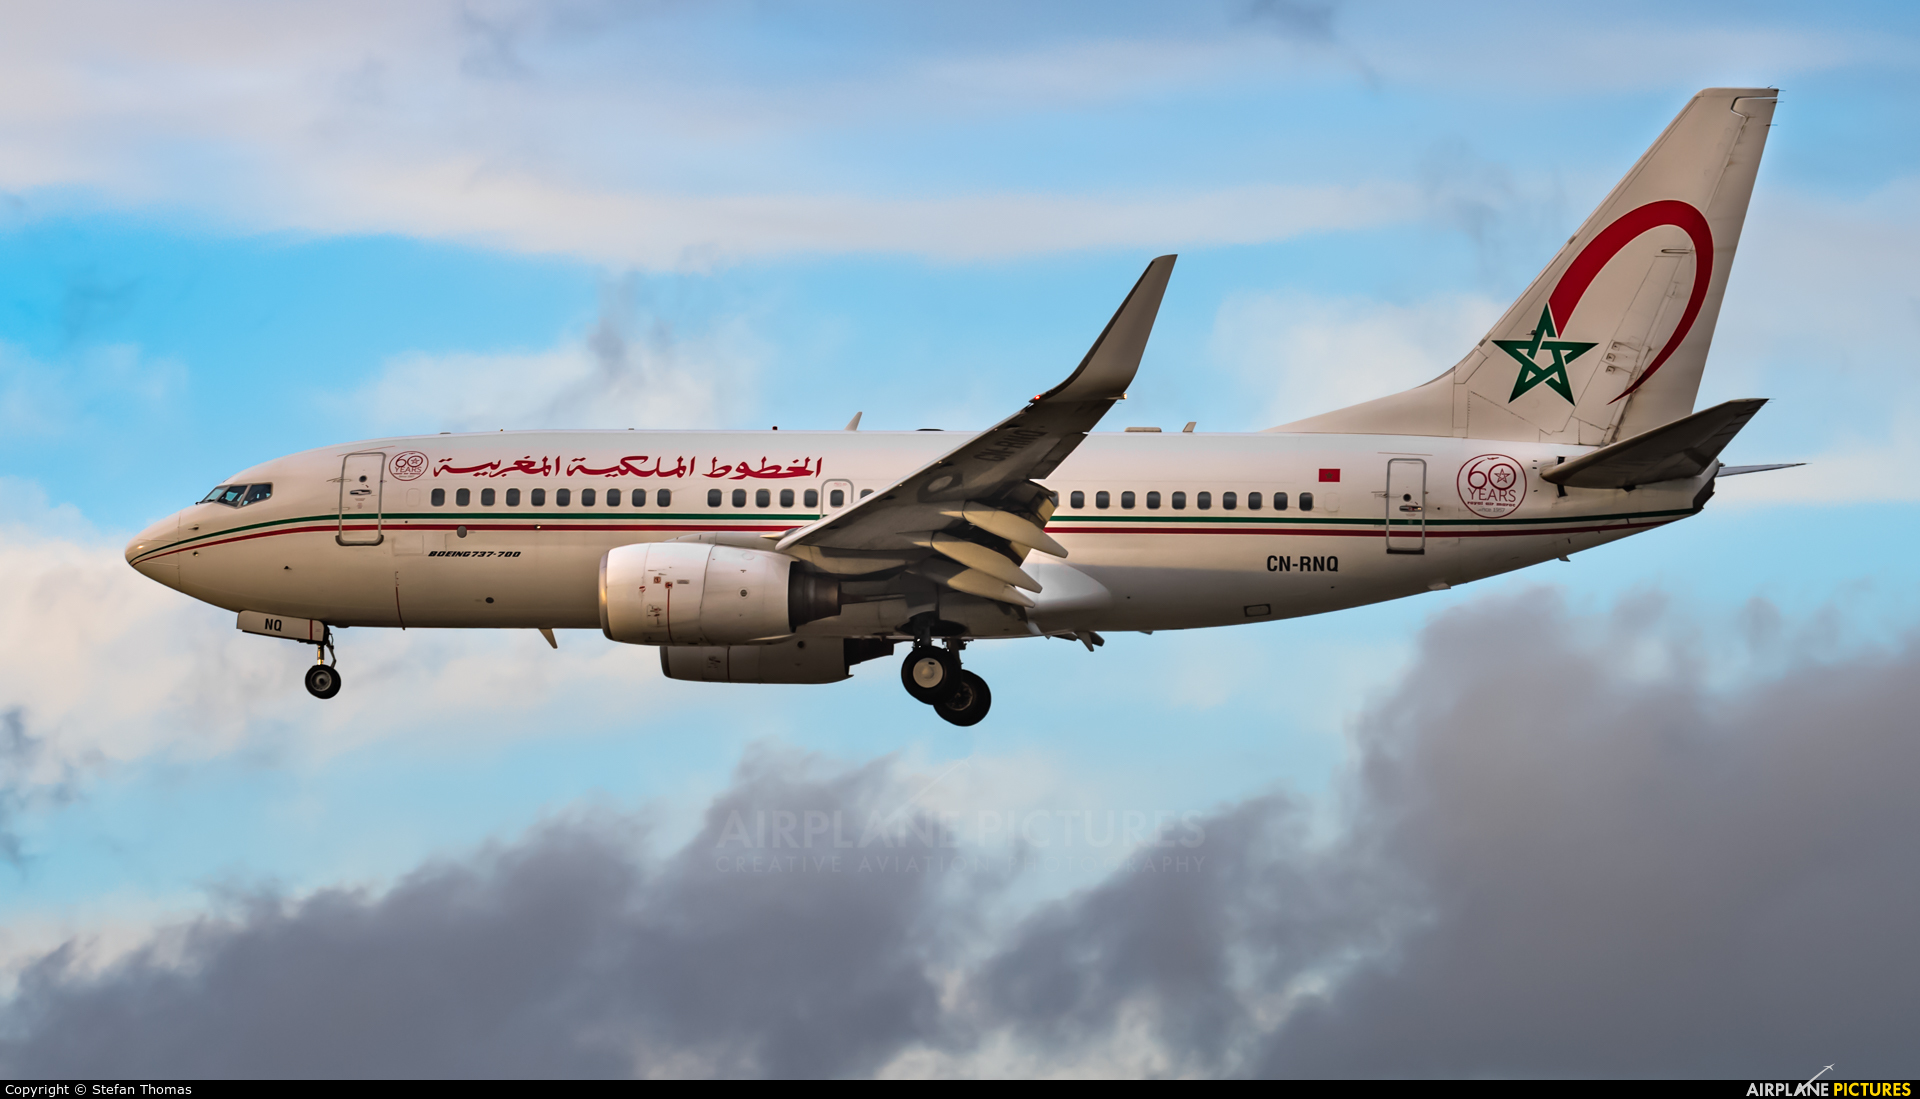 Royal Air Maroc CN-RNQ aircraft at Frankfurt